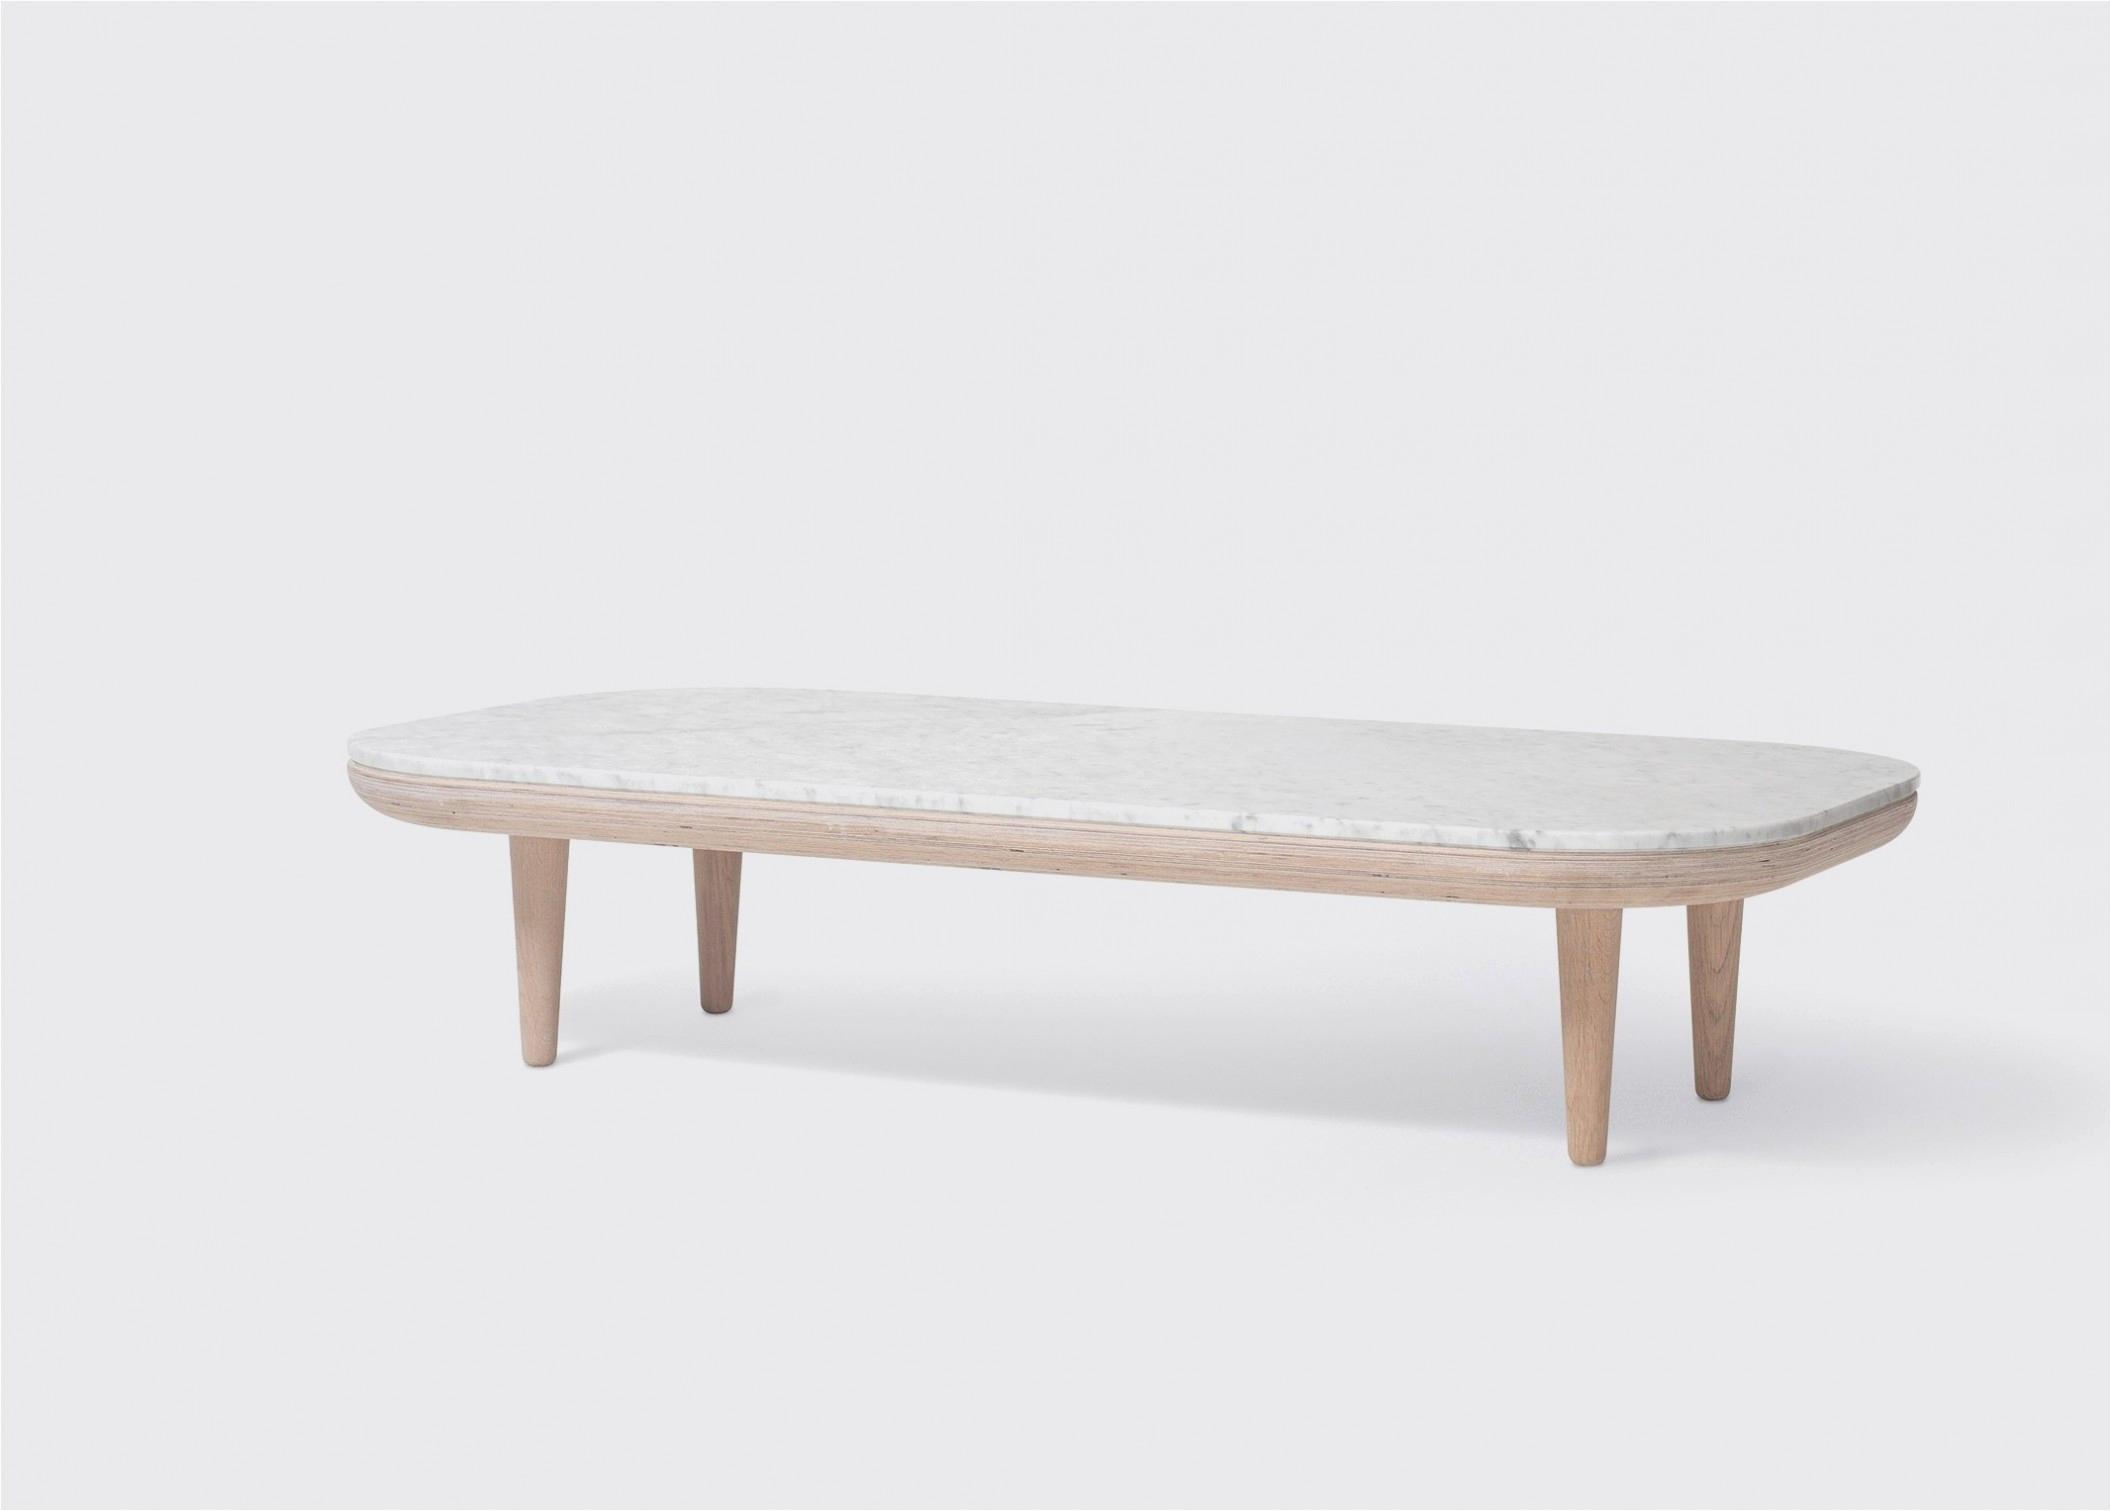 conforama salon de jardin le meilleur de conforama meuble de salon beau lesmeubles table salon conforama of conforama salon de jardin